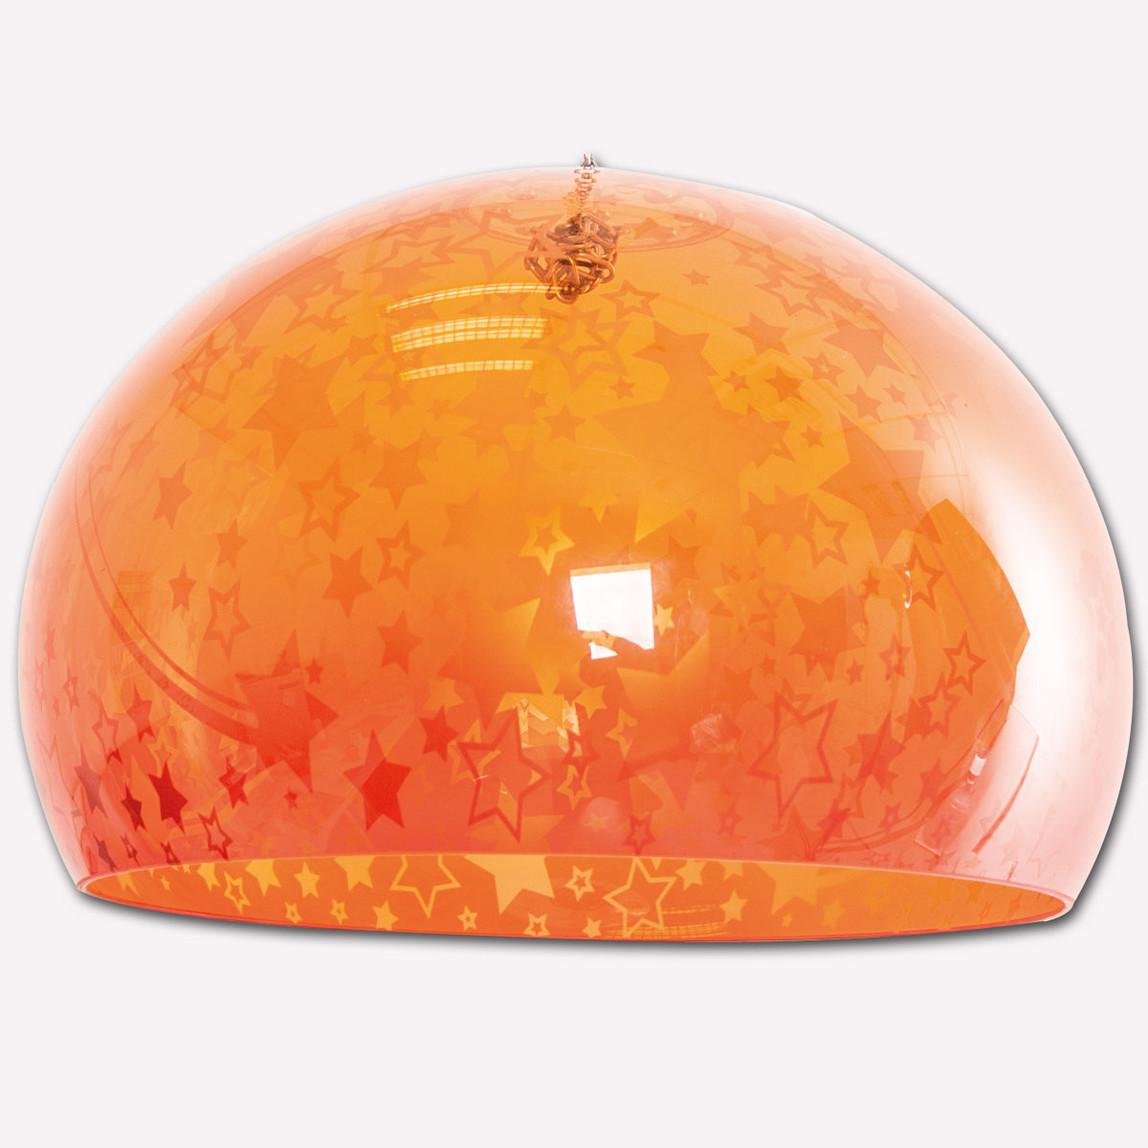 Arpleks Yıldızlı Sarkıt Turuncu